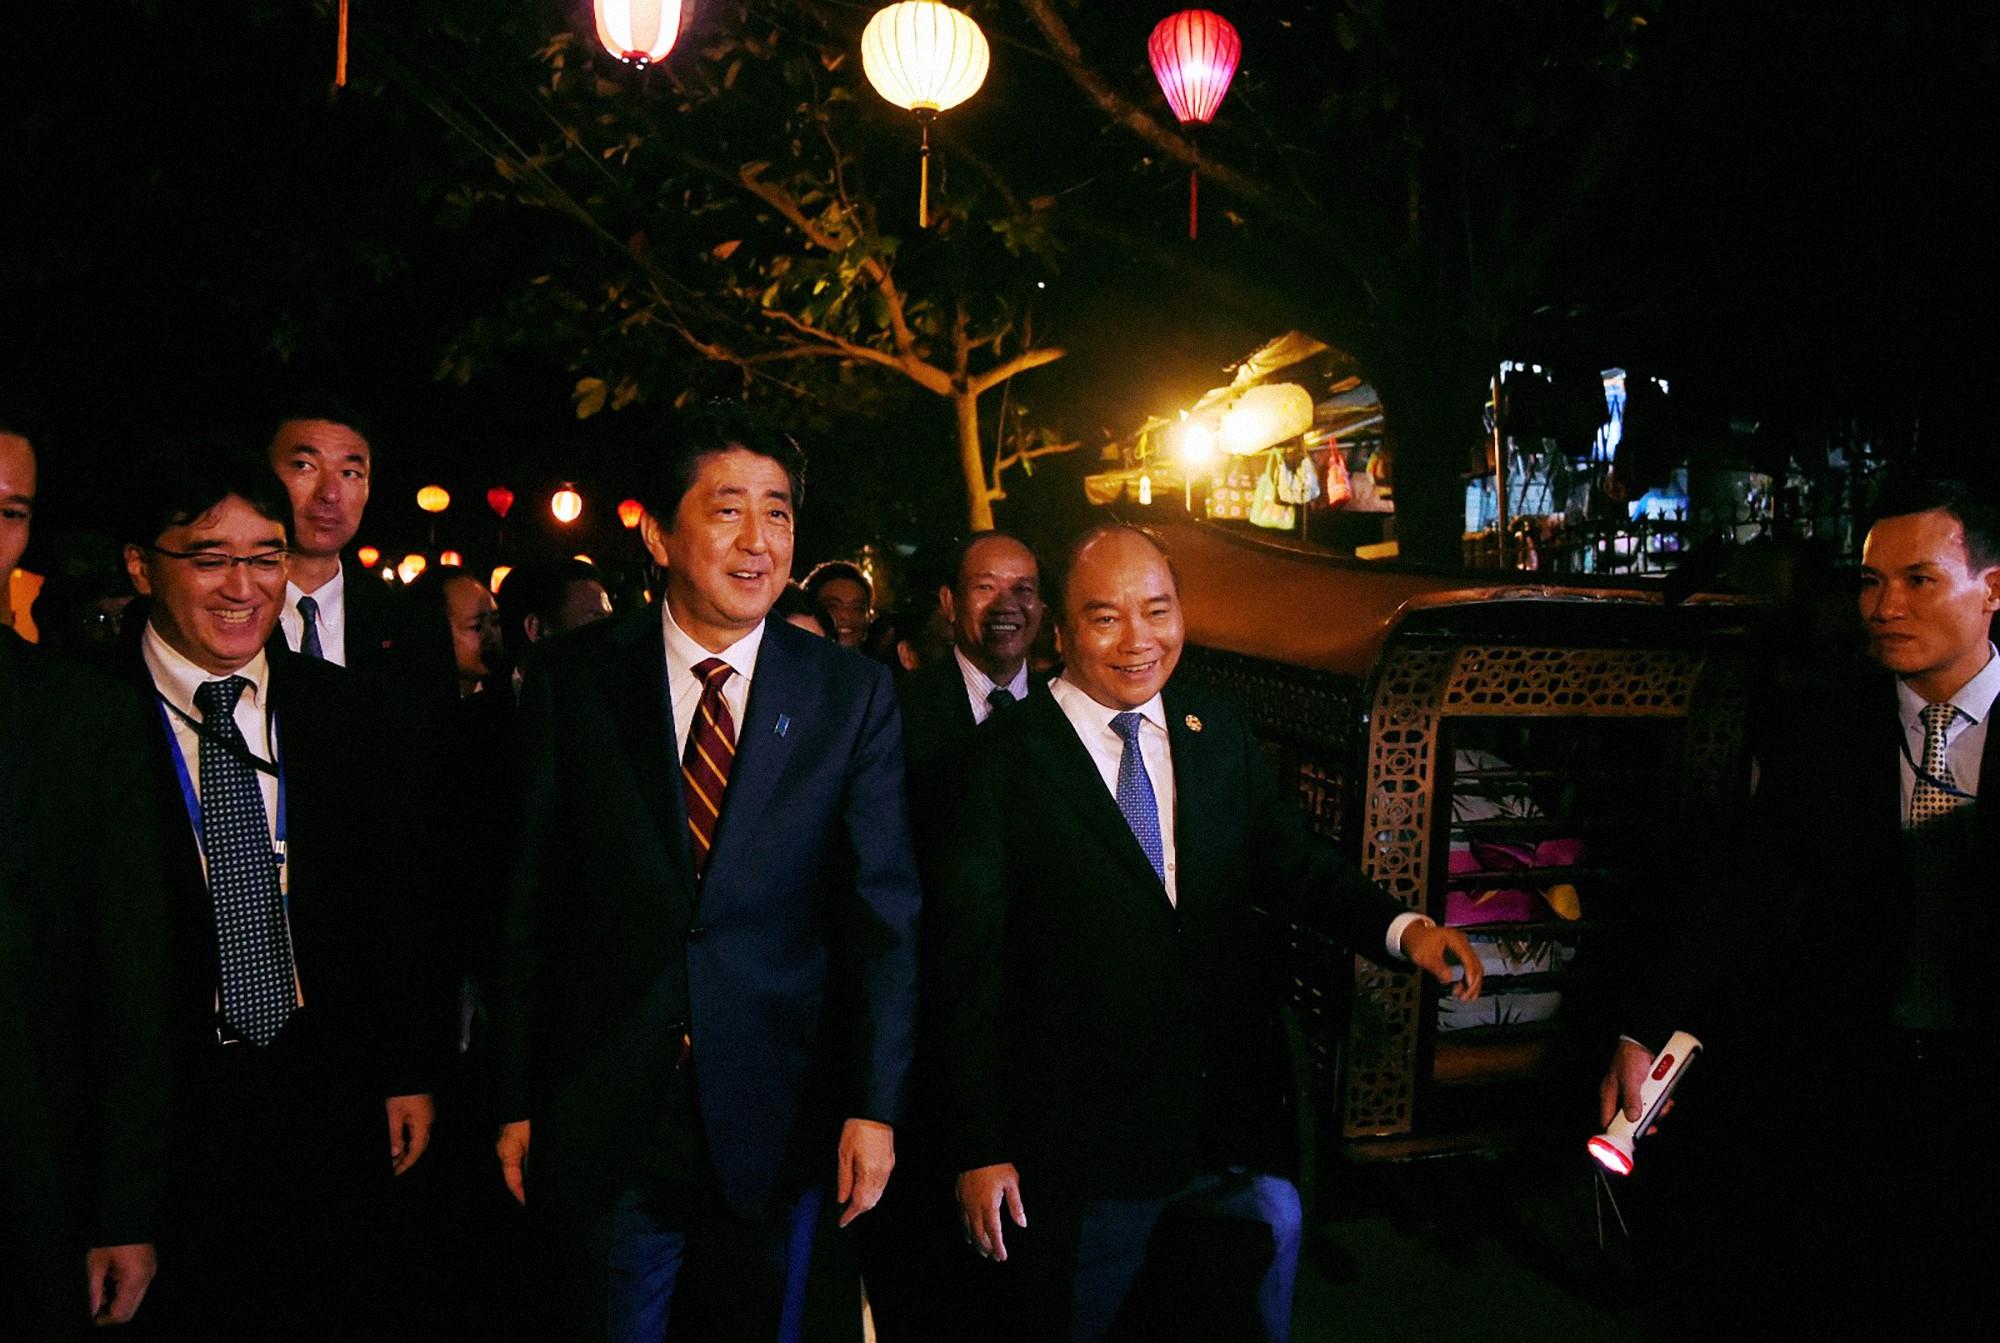 [PHOTO ESSAY] Toàn cảnh APEC 2017 qua 17 khoảnh khắc ấn tượng - Ảnh 22.